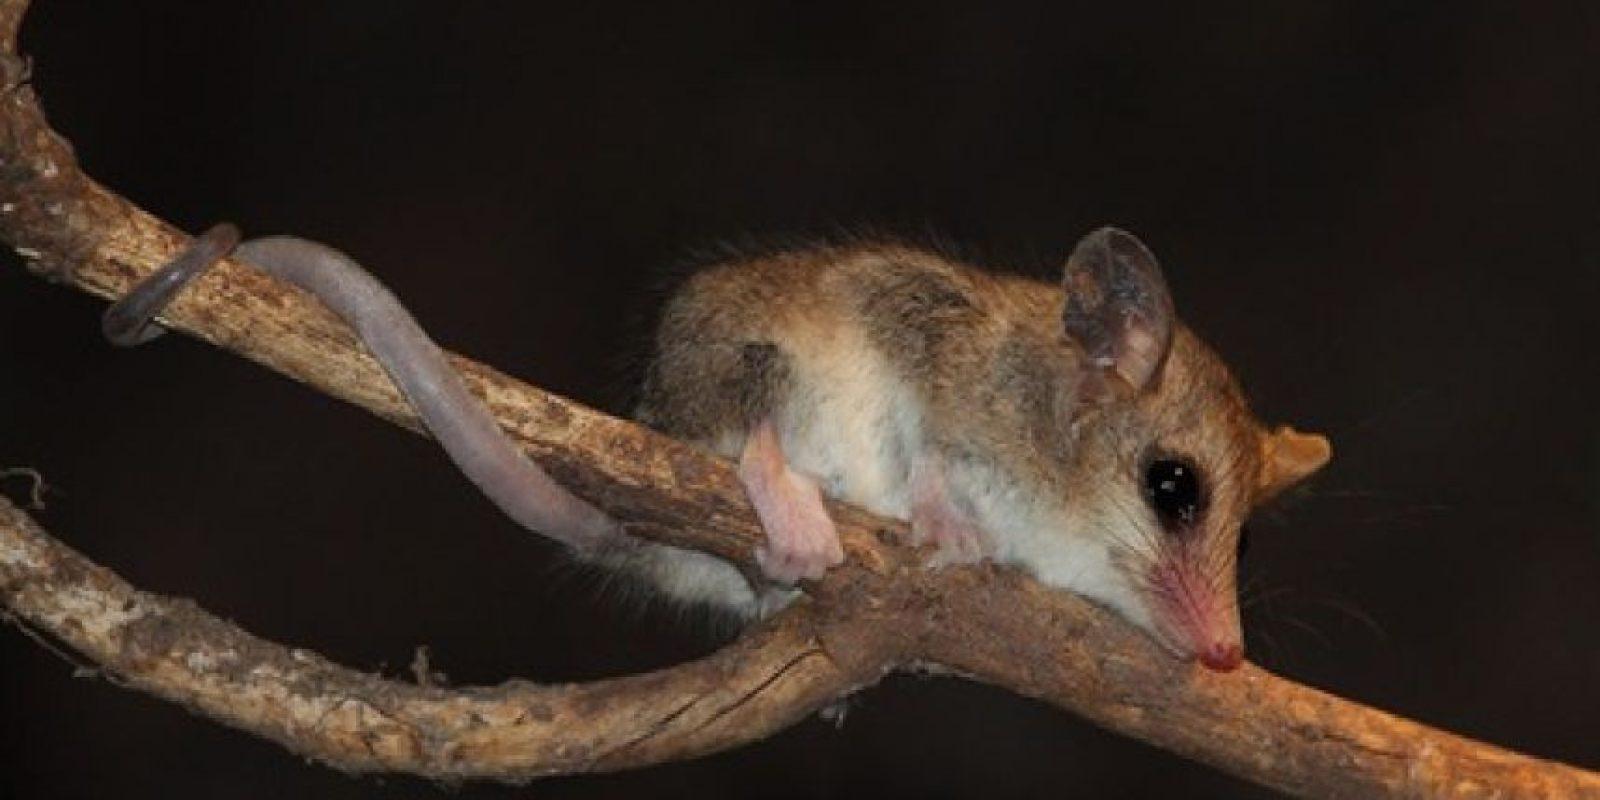 La yaca es uno de los cuatro marsupiales que existen en nuestro país y habitualmente es confundida con una rata, por lo que en ocasiones es exterminada. Foto:Reproducción. Imagen Por: